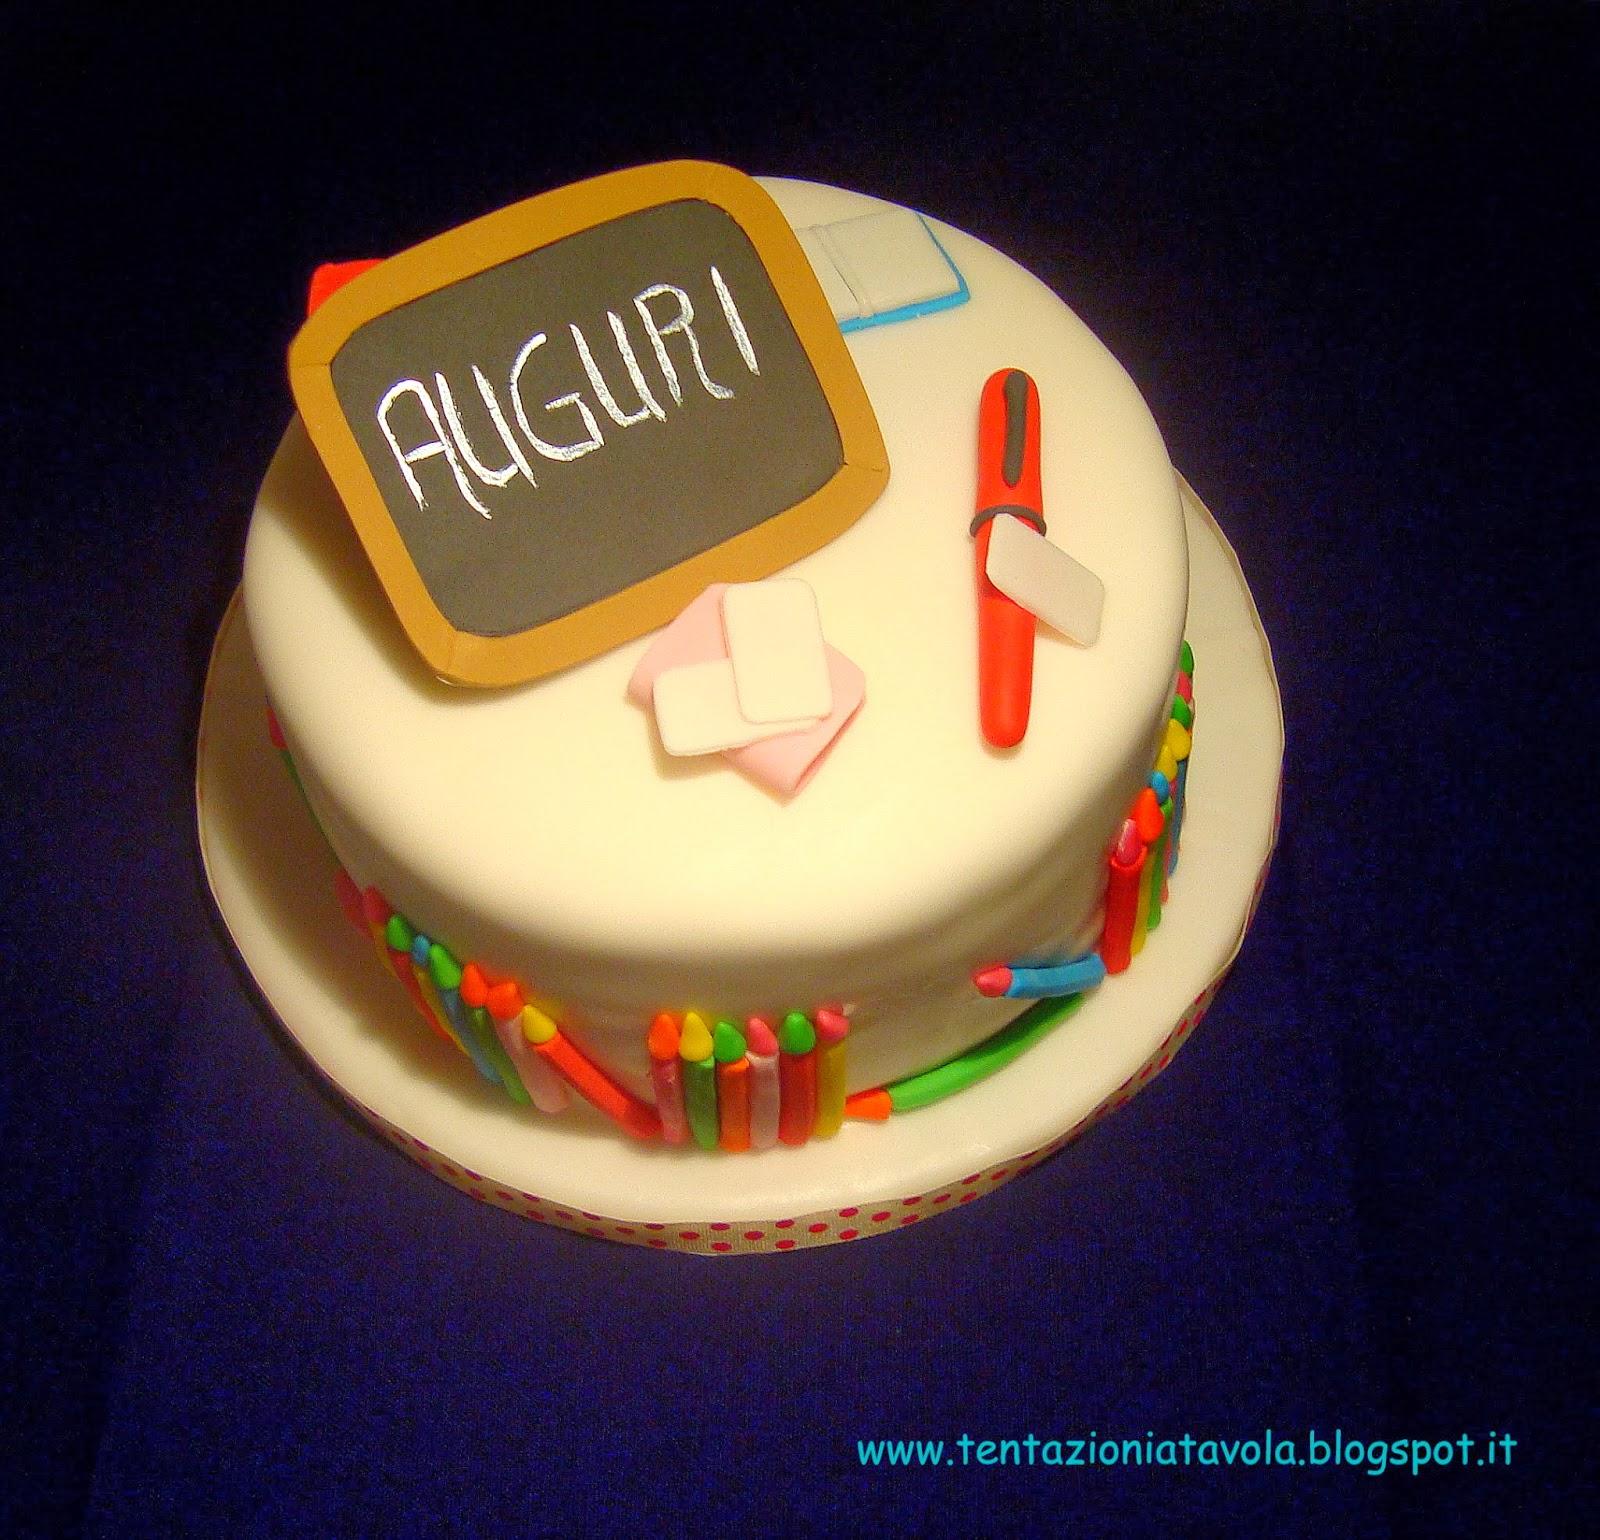 La torta perfetta per una maestra! Tentazioni a tavola